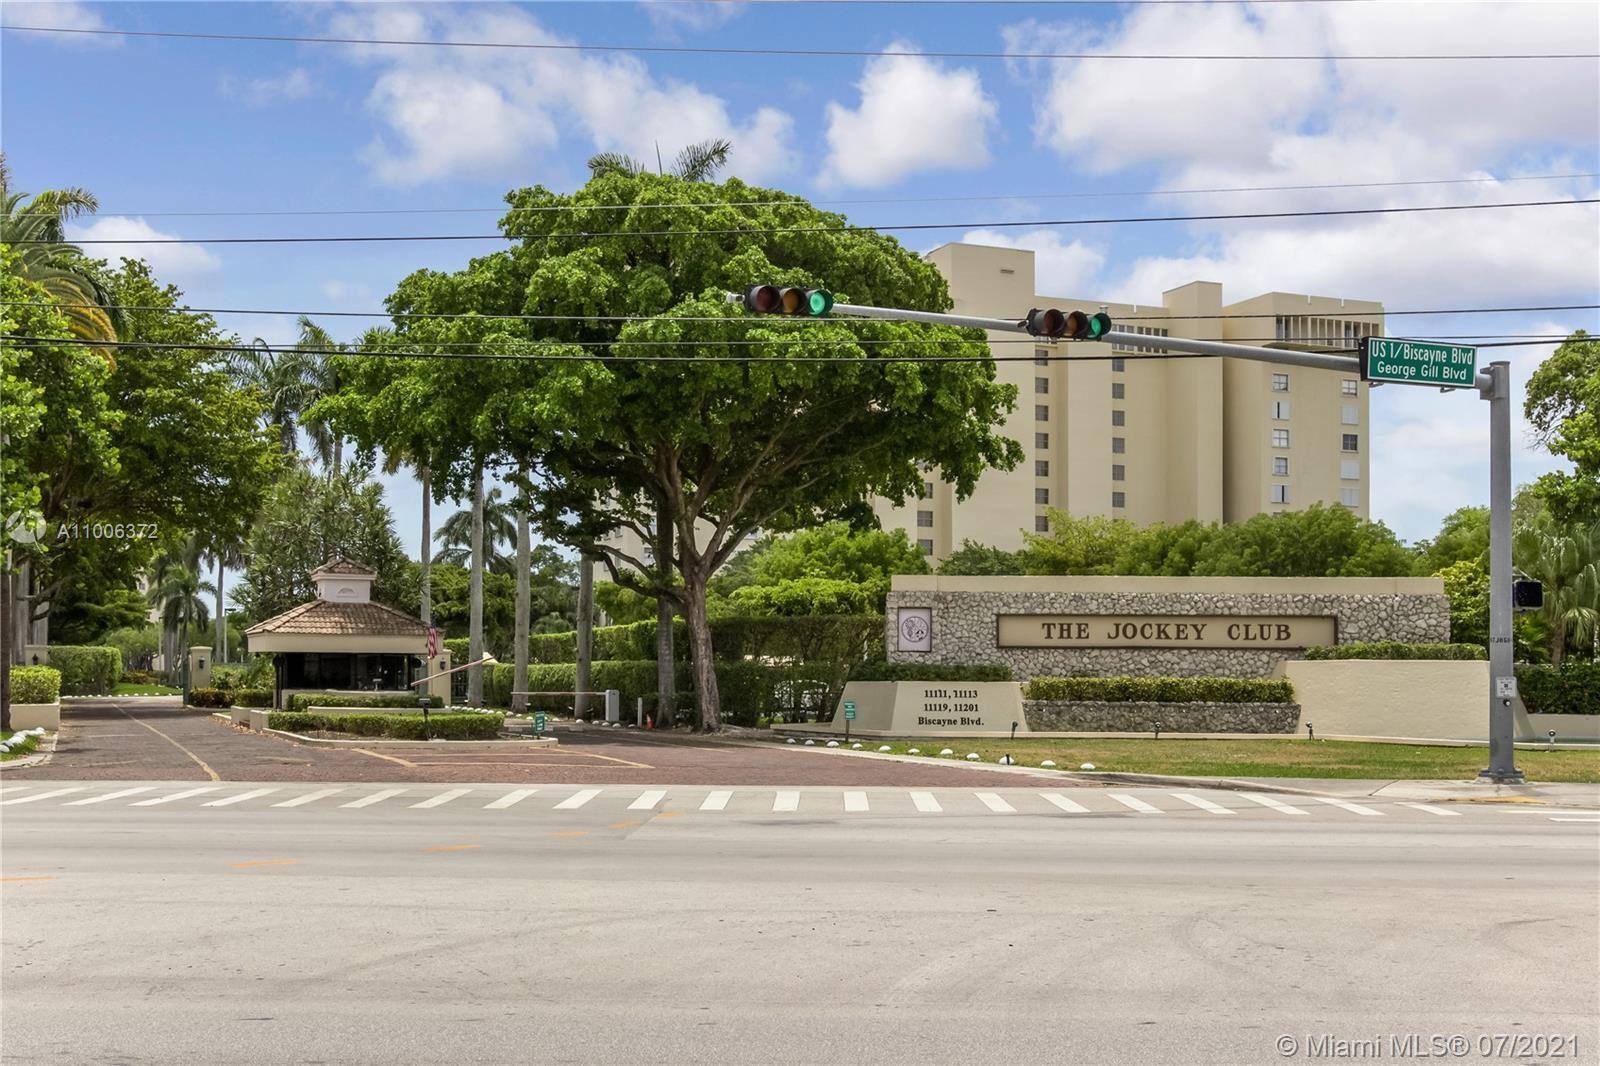 11111 Biscayne Blvd #20D, Miami, FL 33181 - #: A11006372